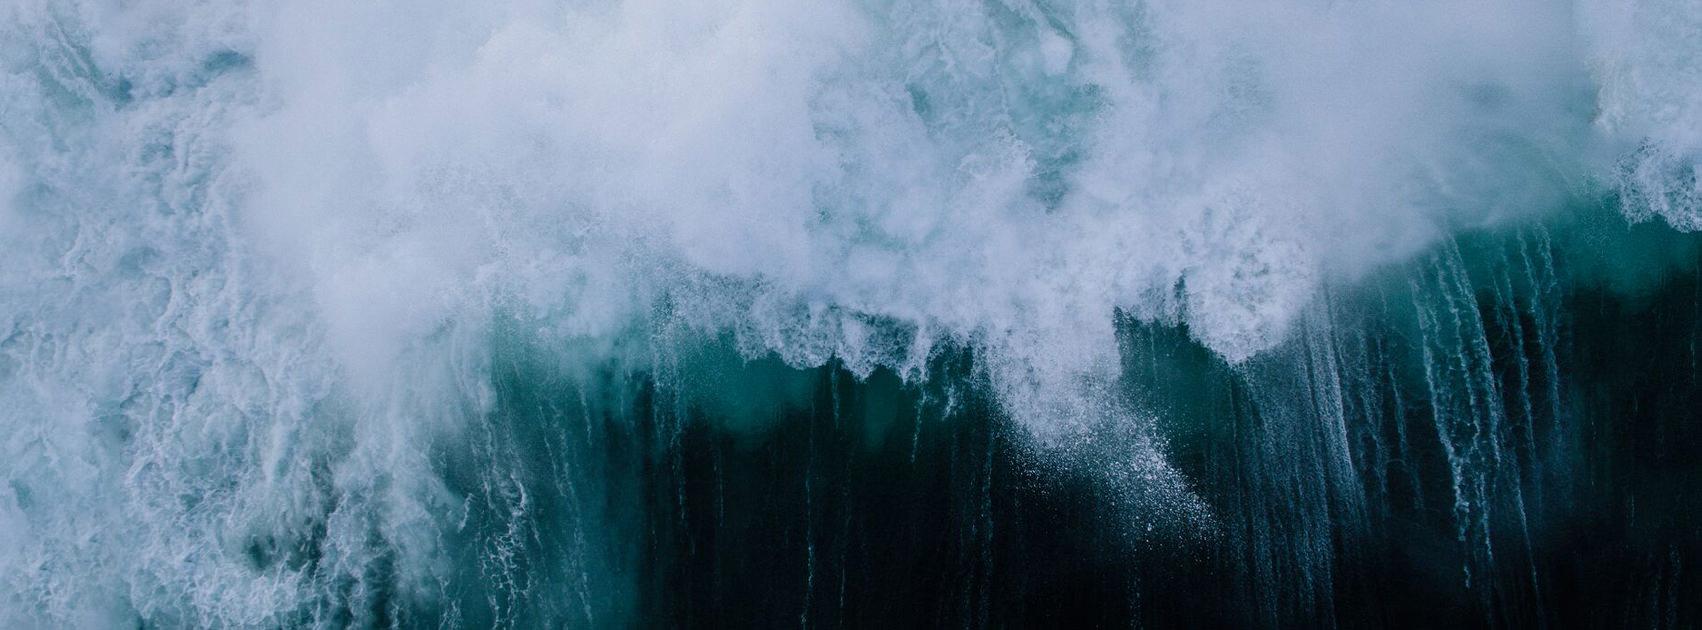 Les images: CIEUX OUVERTS / Fleuve de vie